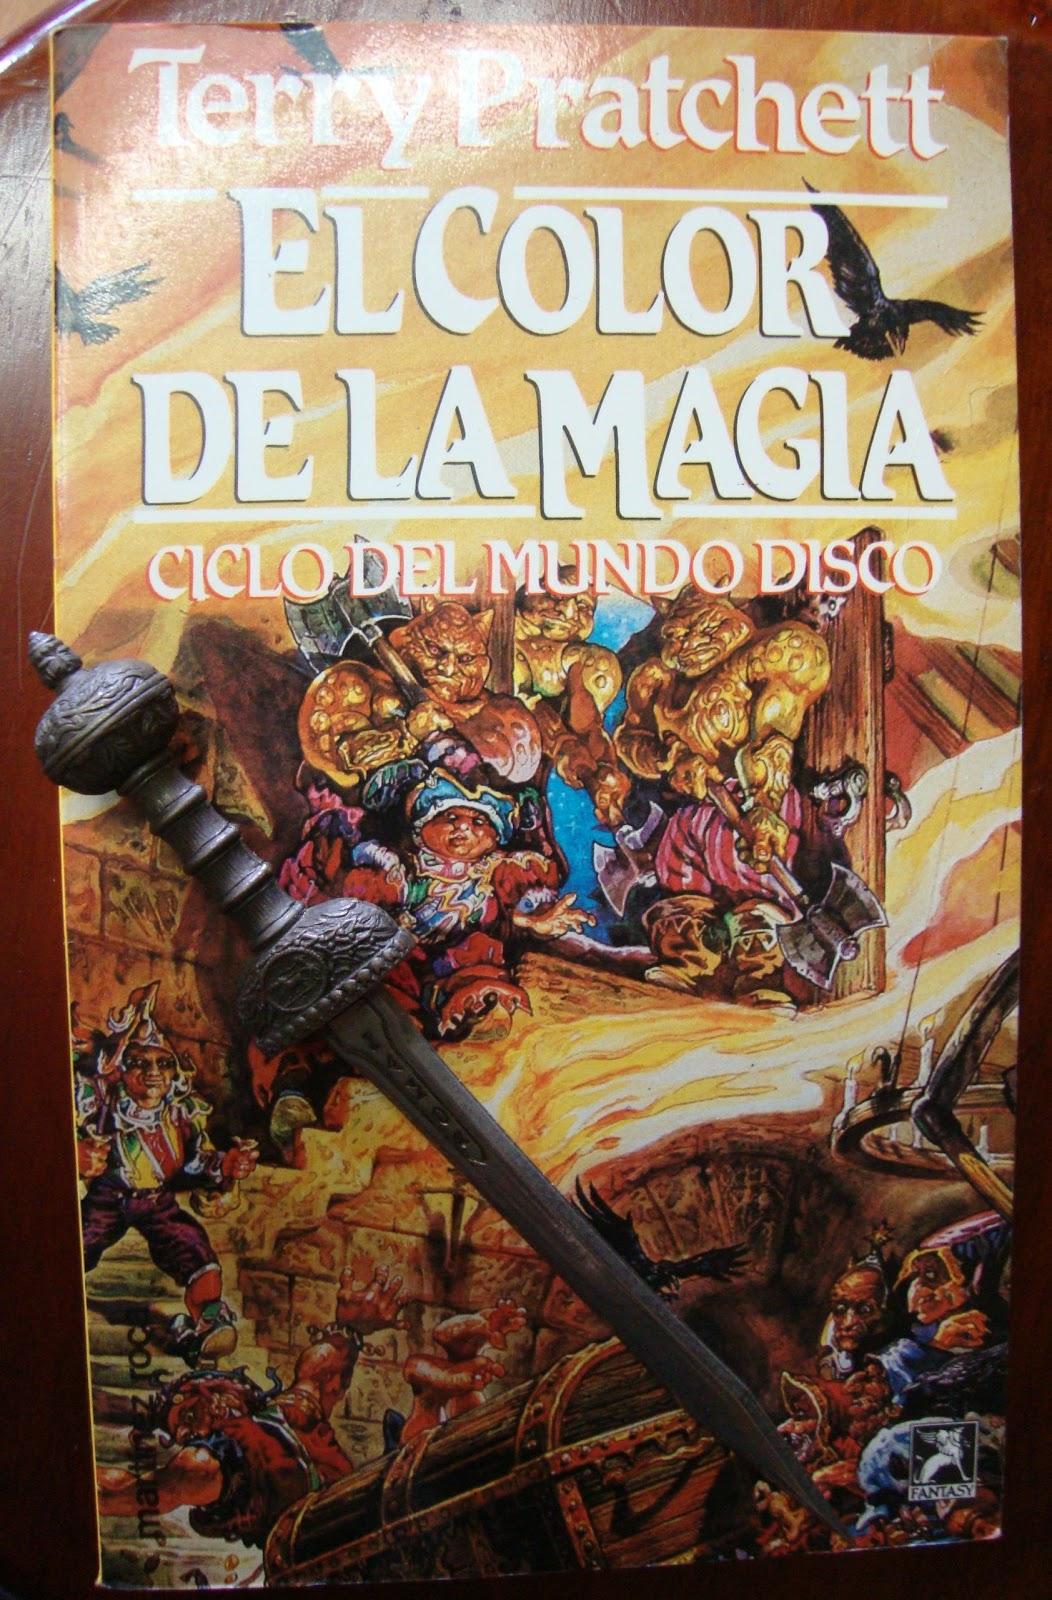 Libros de Olethros: EL COLOR DE LA MAGIA. Terry Pratchett